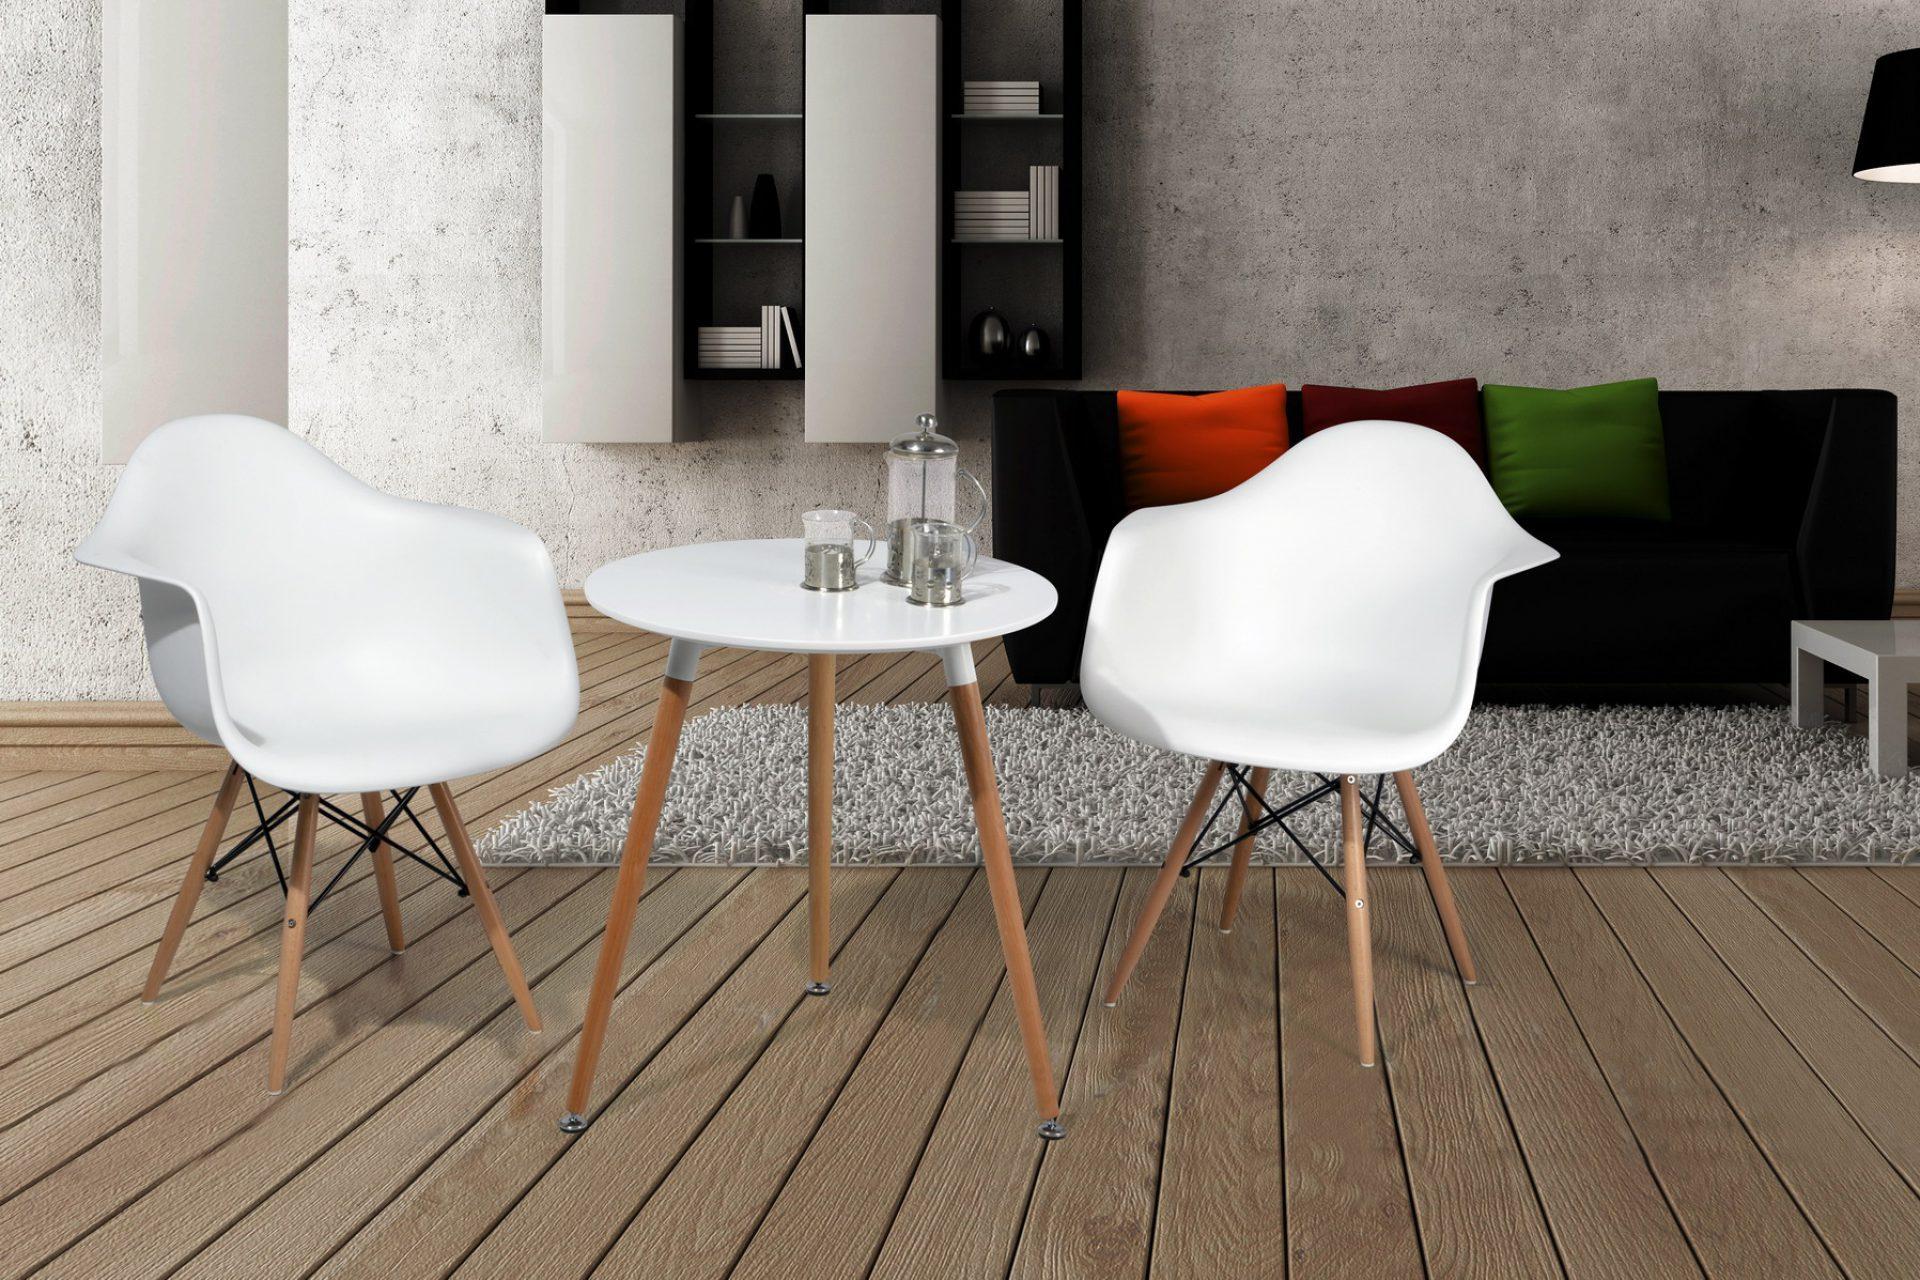 Стол DT-903 белый и стулья ESF 982 белые